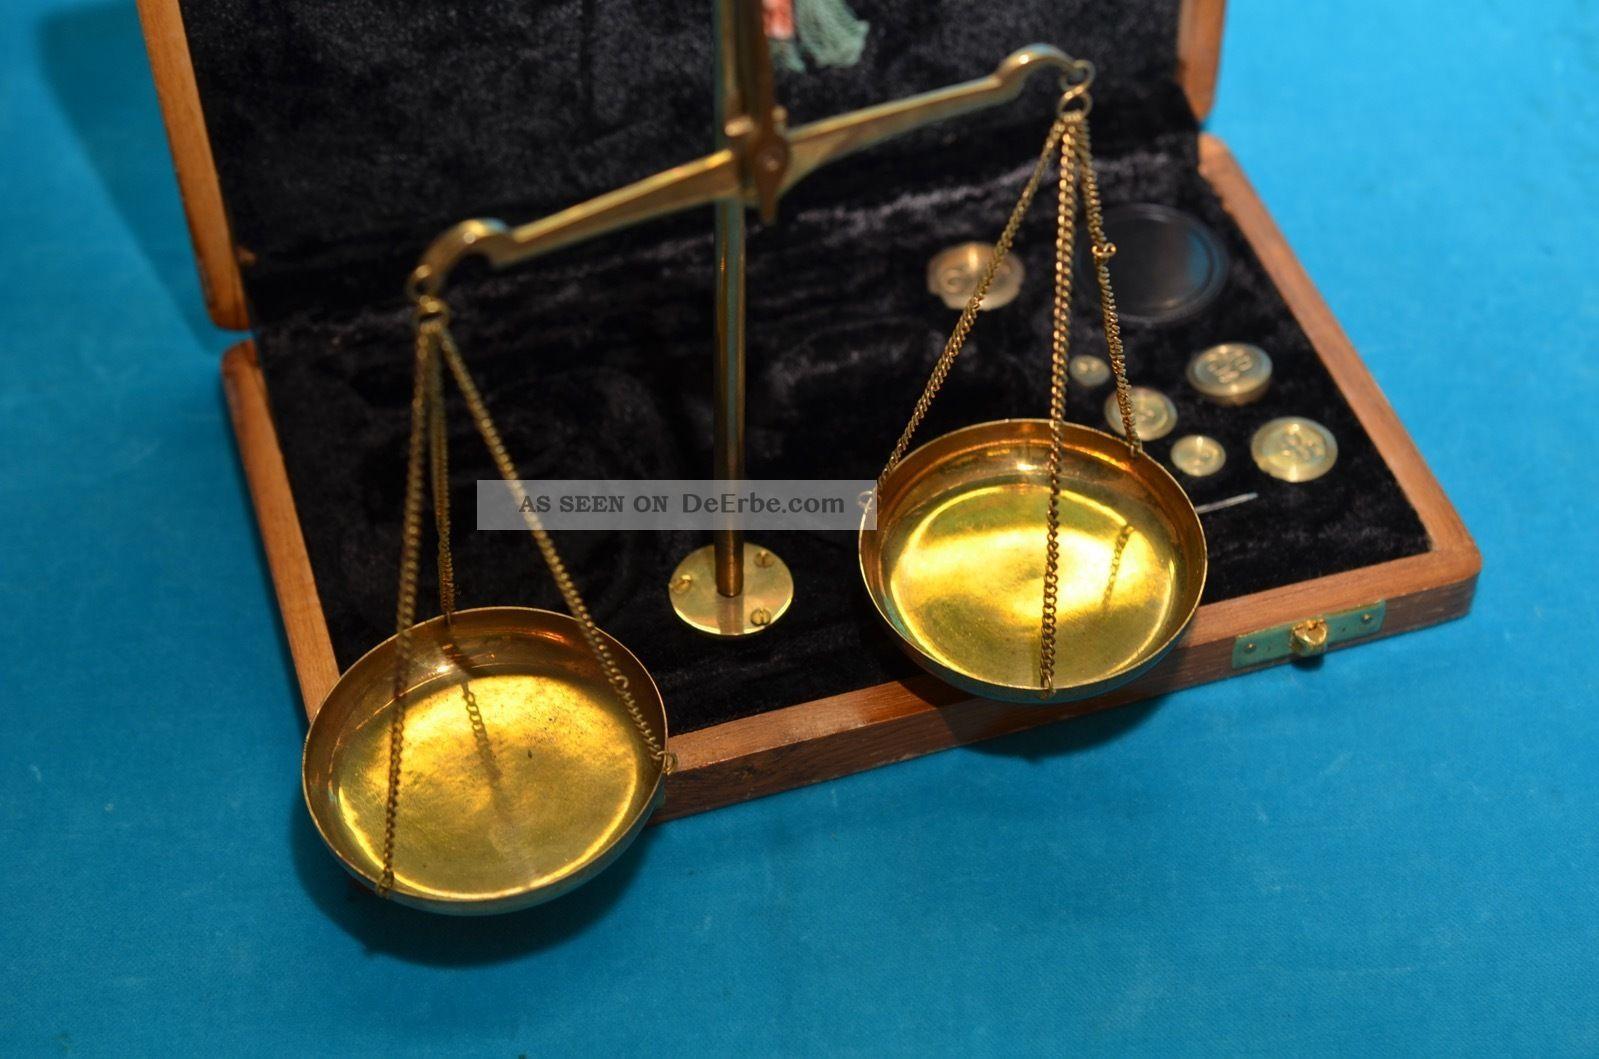 Alte Münzwaage Goldwaage Balkenwaage In Holzbox Kaufleute & Krämer Bild